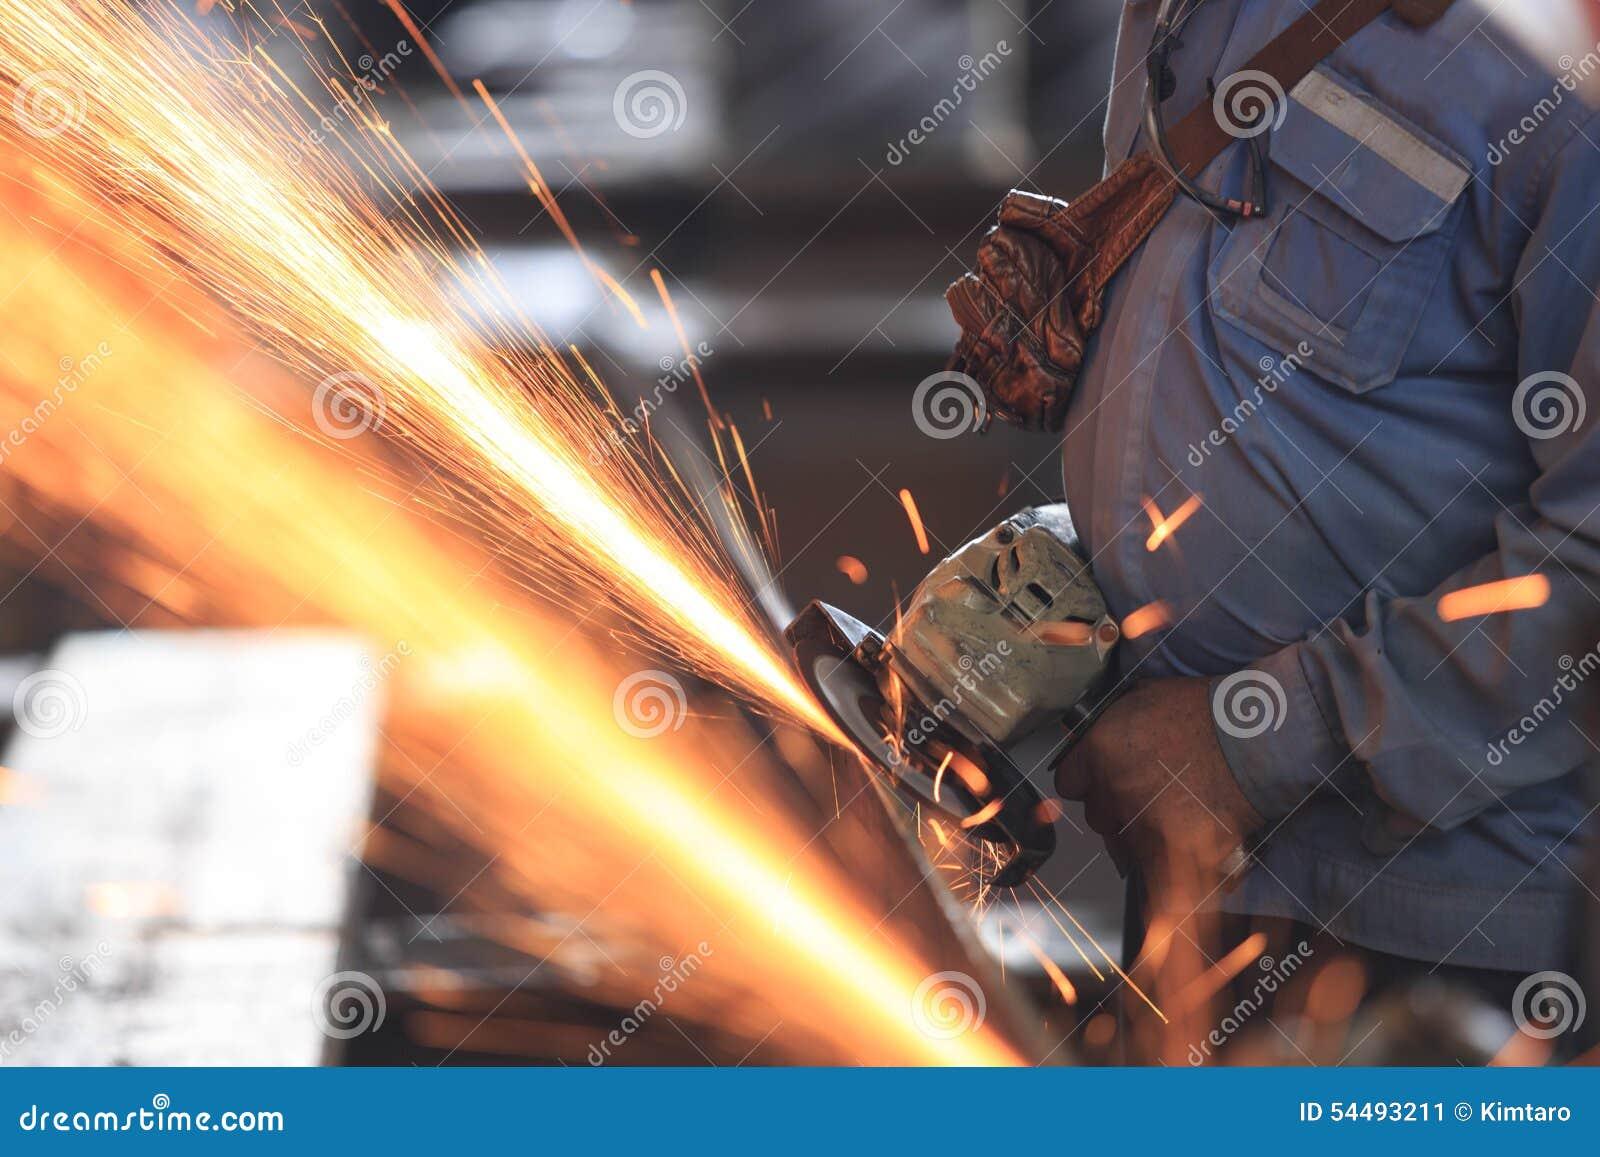 Pracownika przygotowania surowej materialby ręki szlifierska maszyna